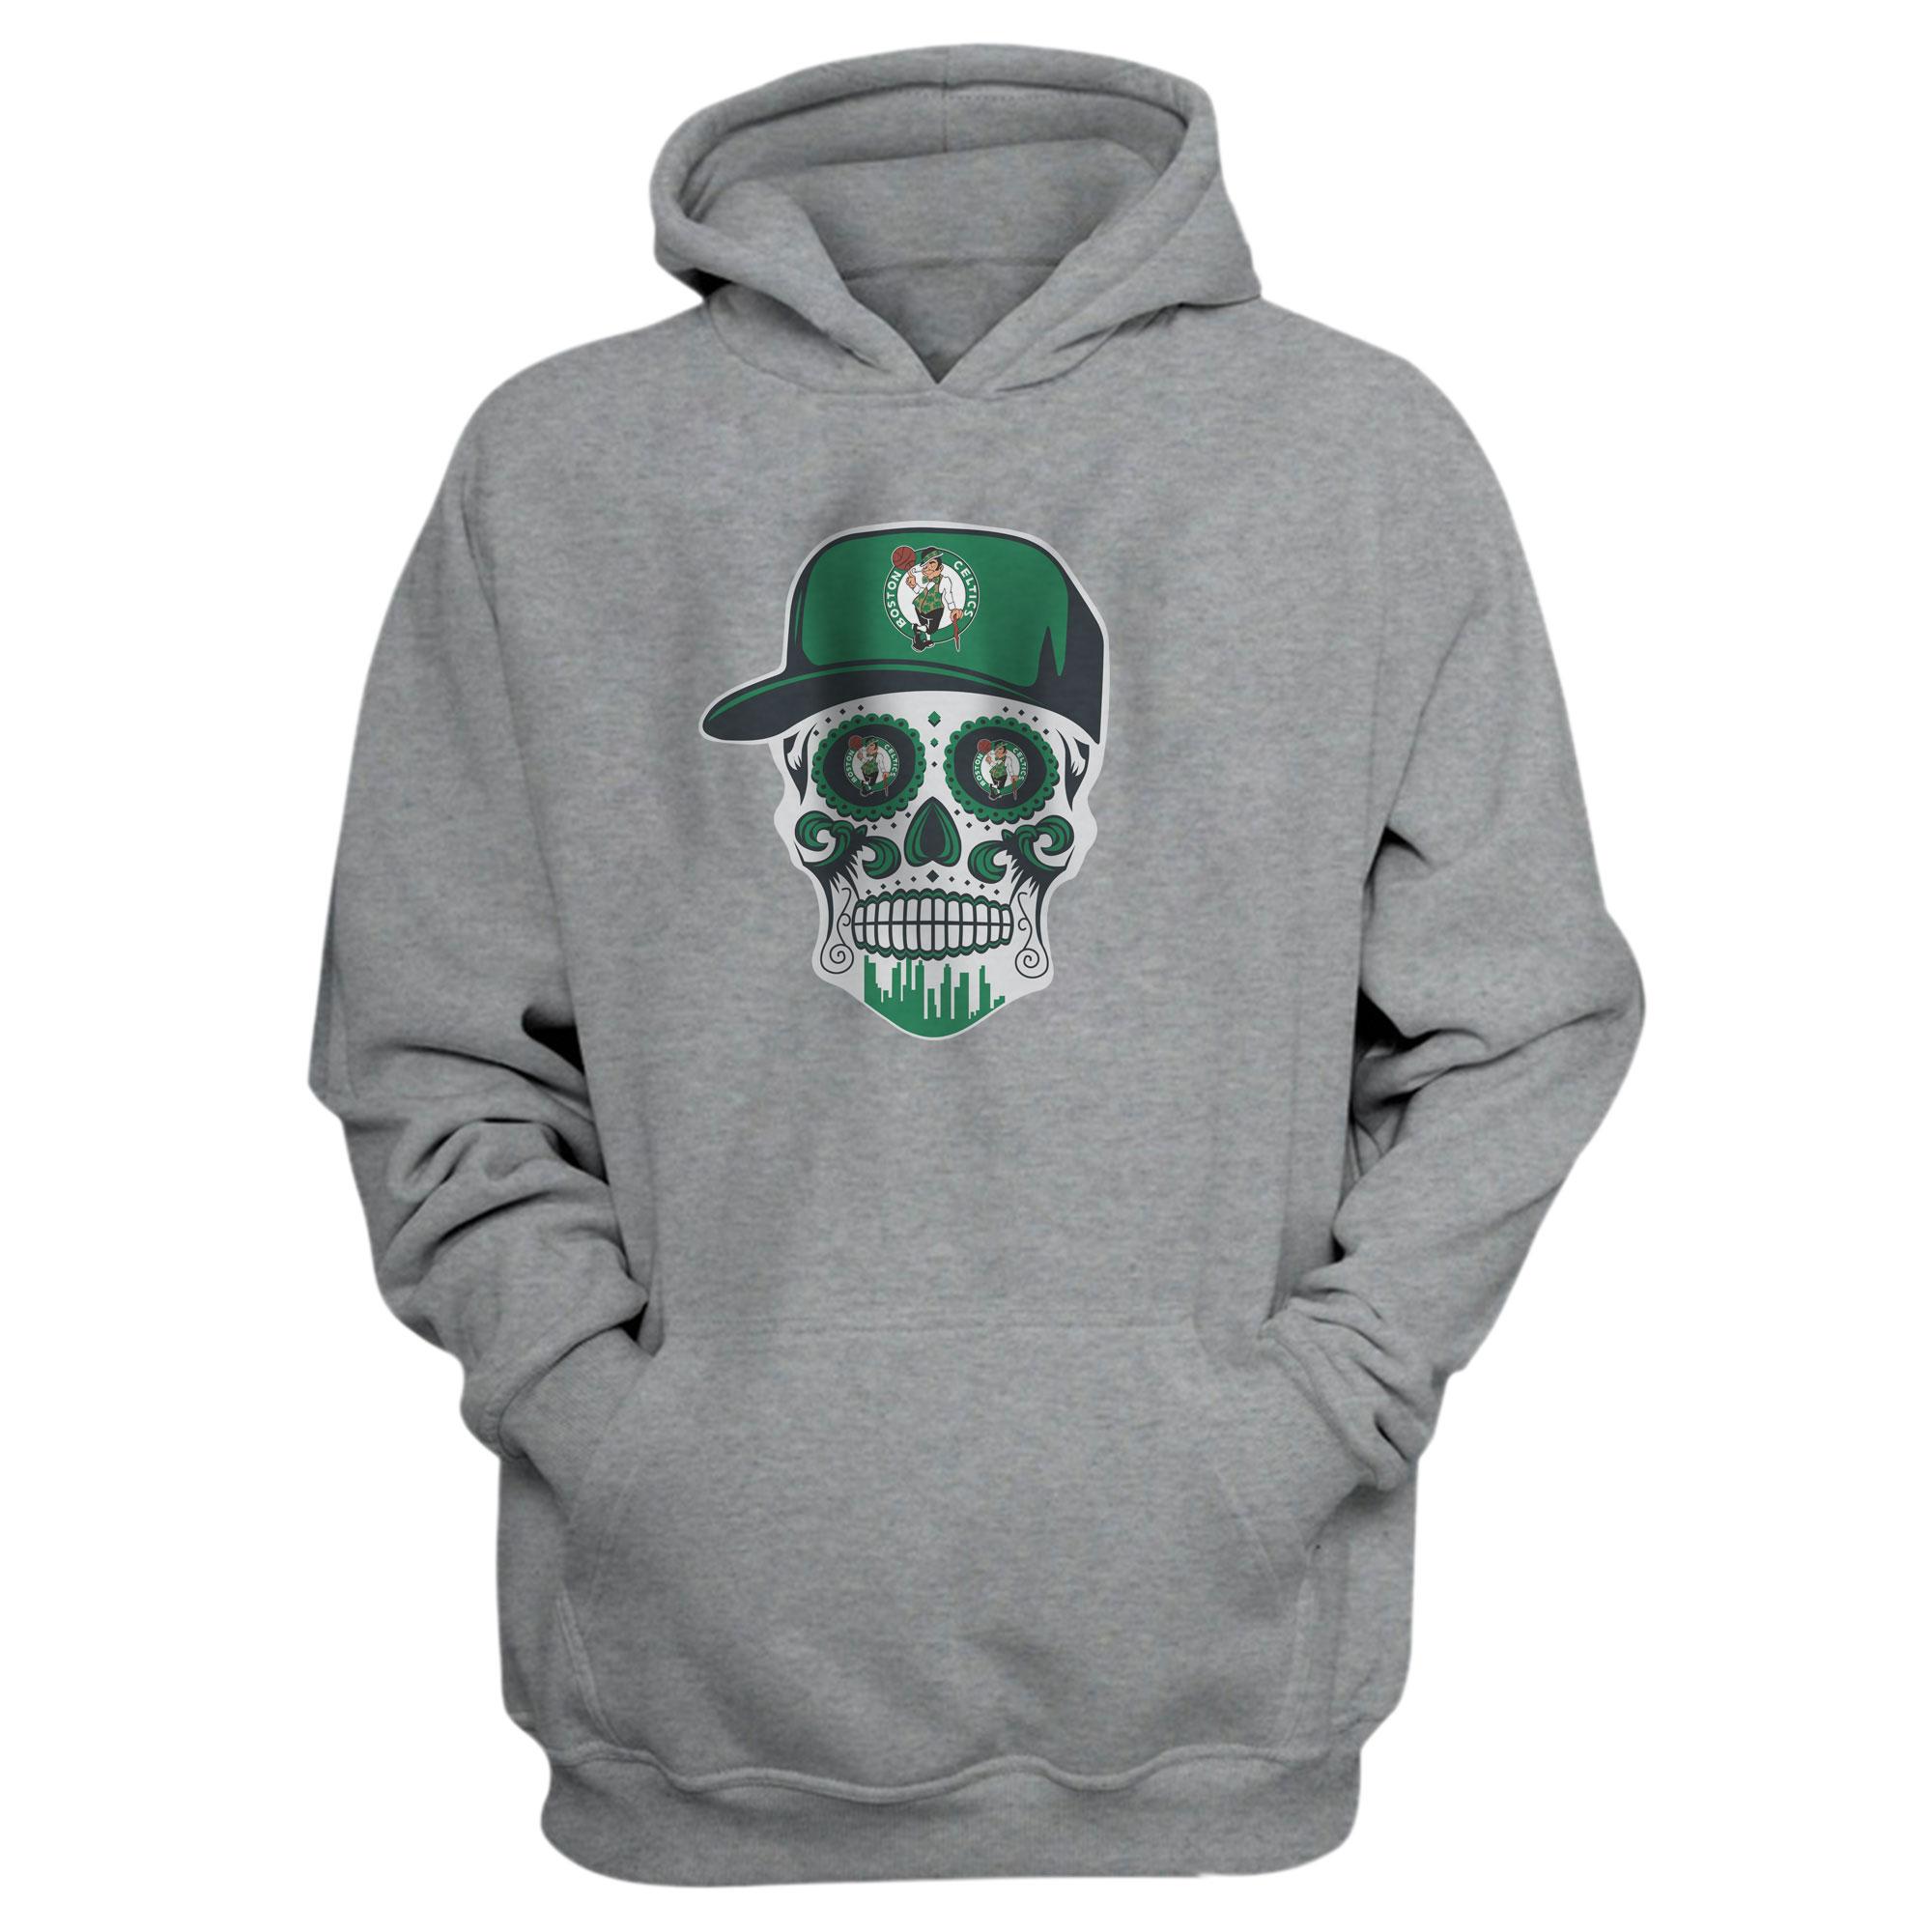 Celtics Skull Hoodie (HD-GRN-NP-448-NBA-BSTN-SKULL)